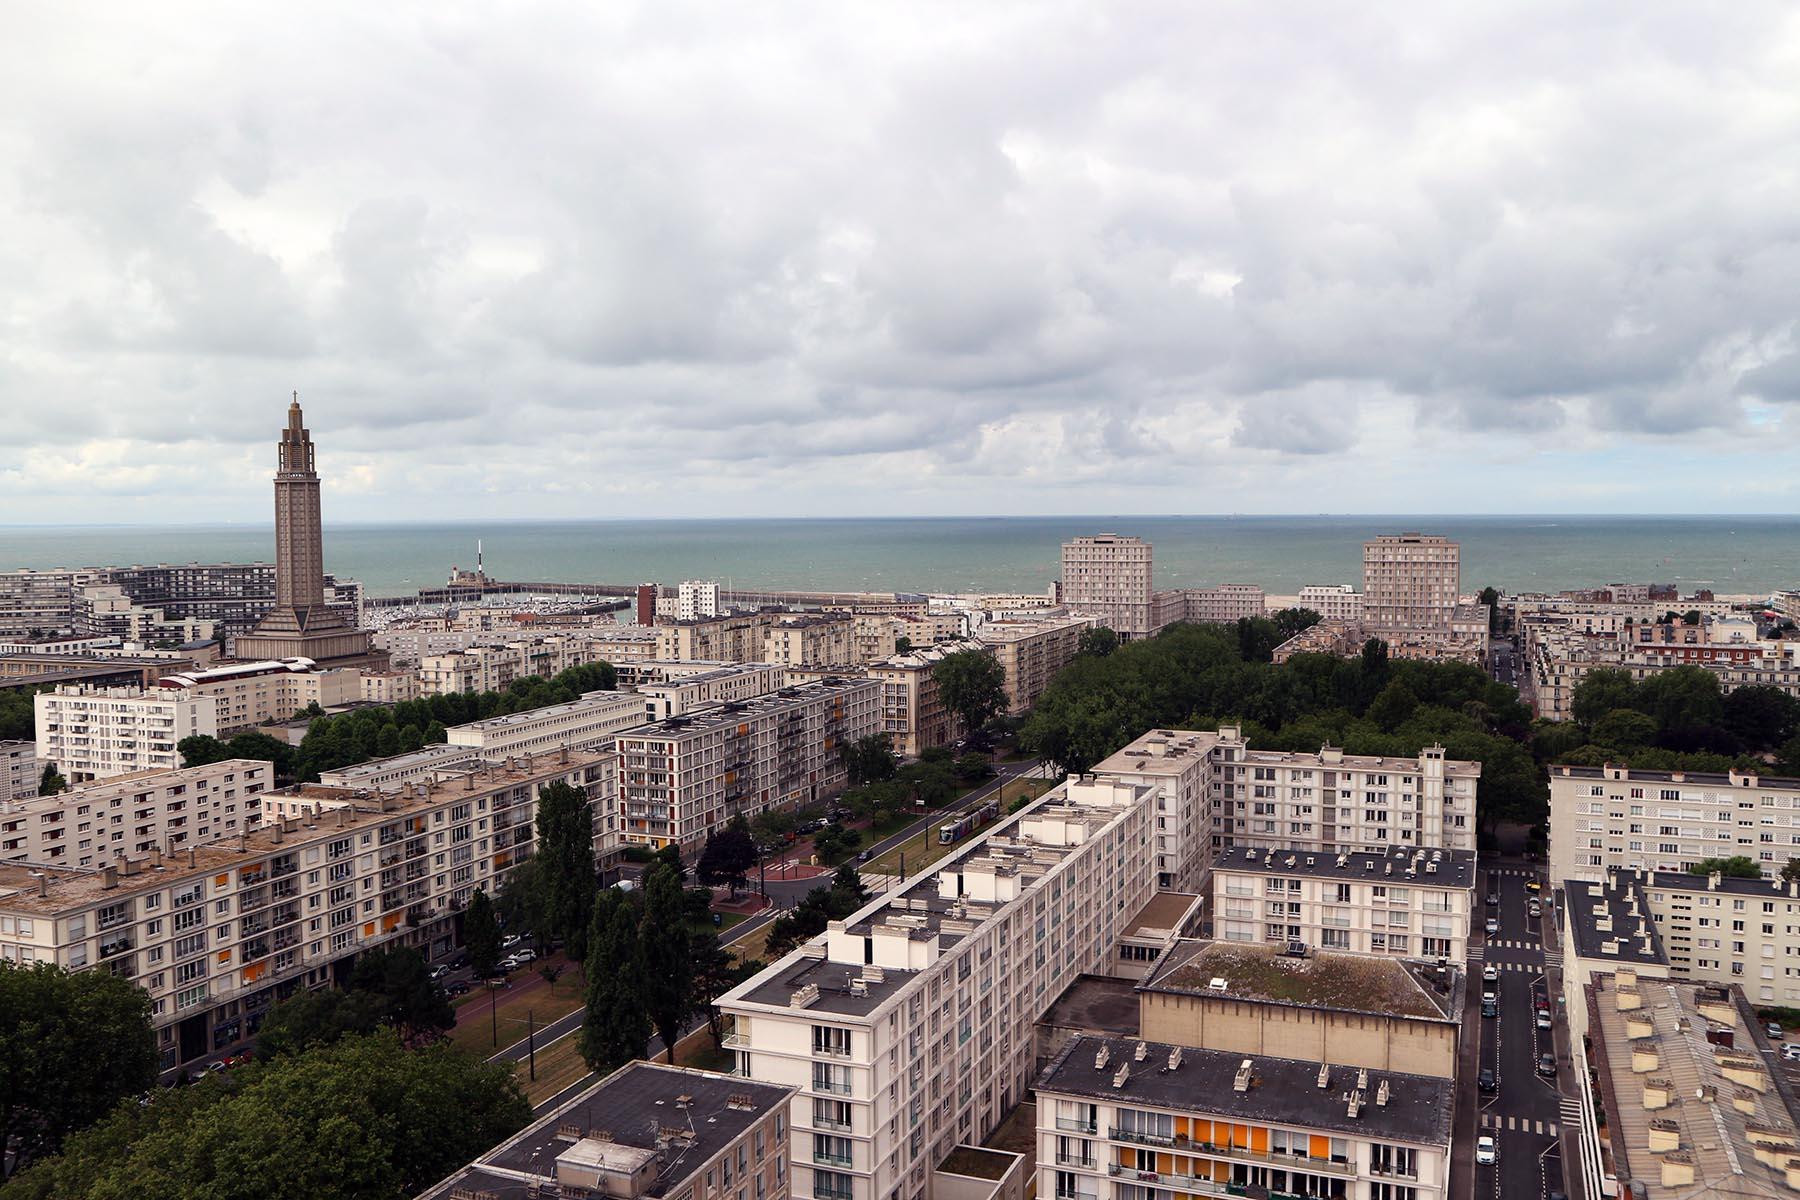 Das monumentale Dreieck. Als eine Seite des Dreiecks verbindet die Avenue Foch den Rathausplatz als neue Mitte der Stadt im Osten mit der Küste und der Porte Océane (Tor des Meeres) im Westen.